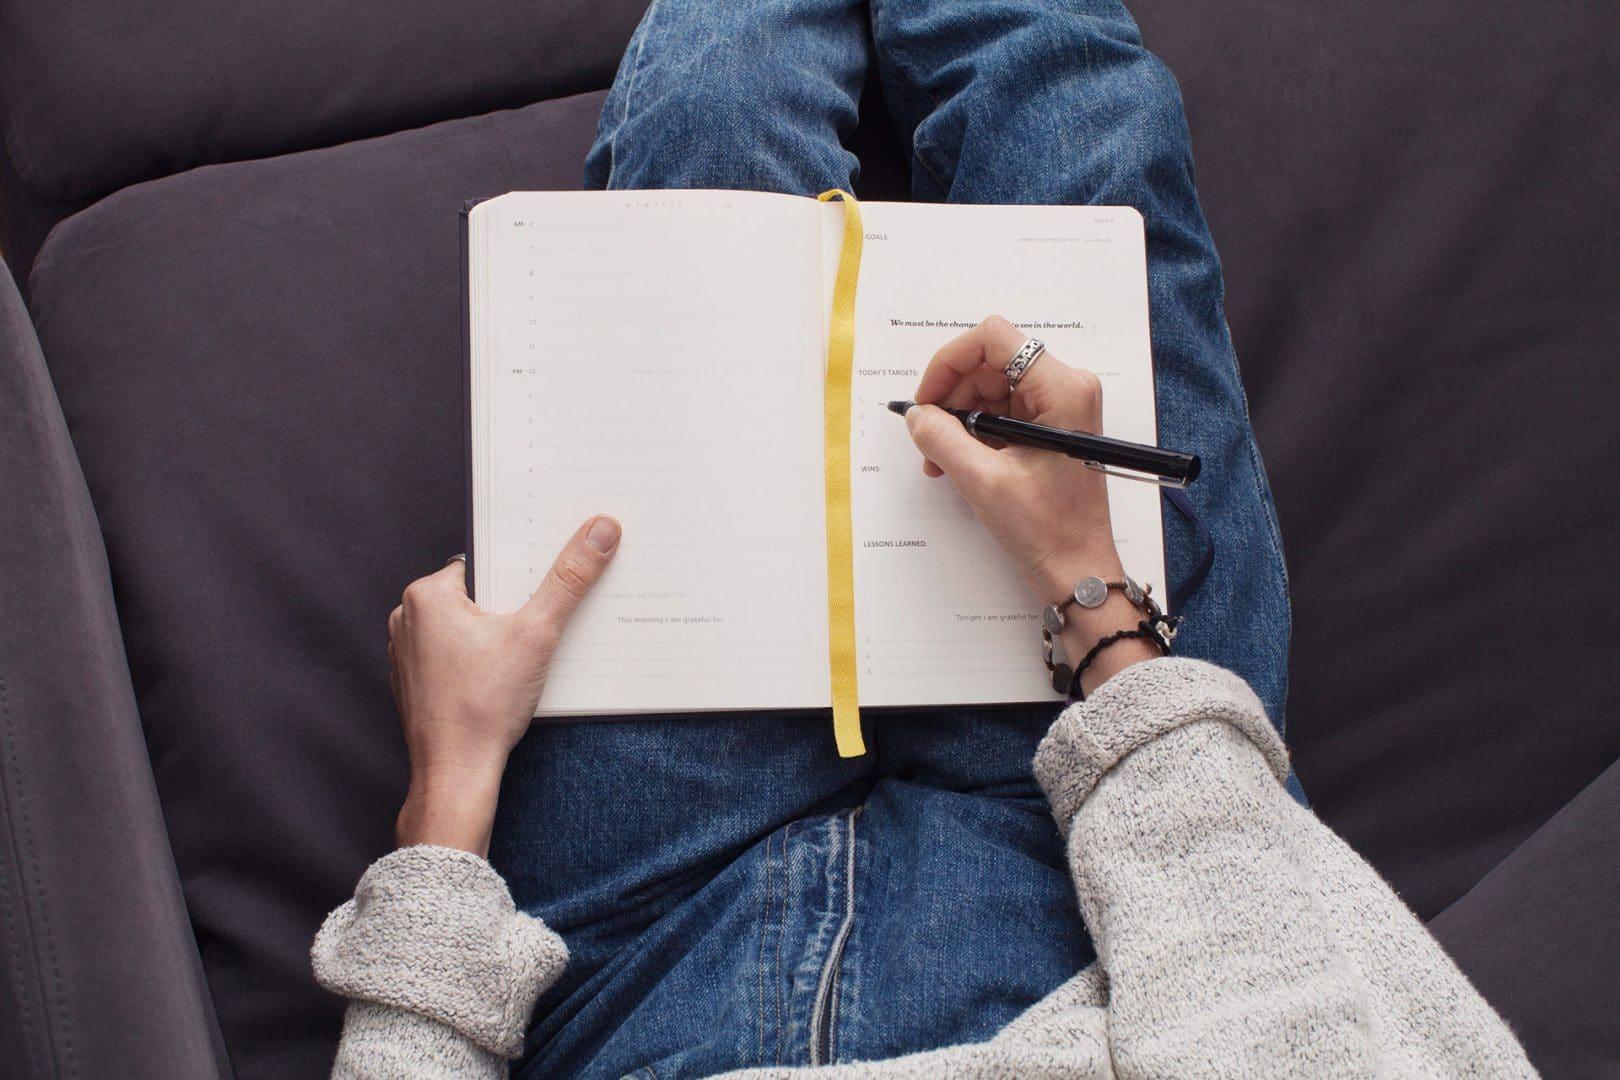 storytelling methode: Storytelling einfach